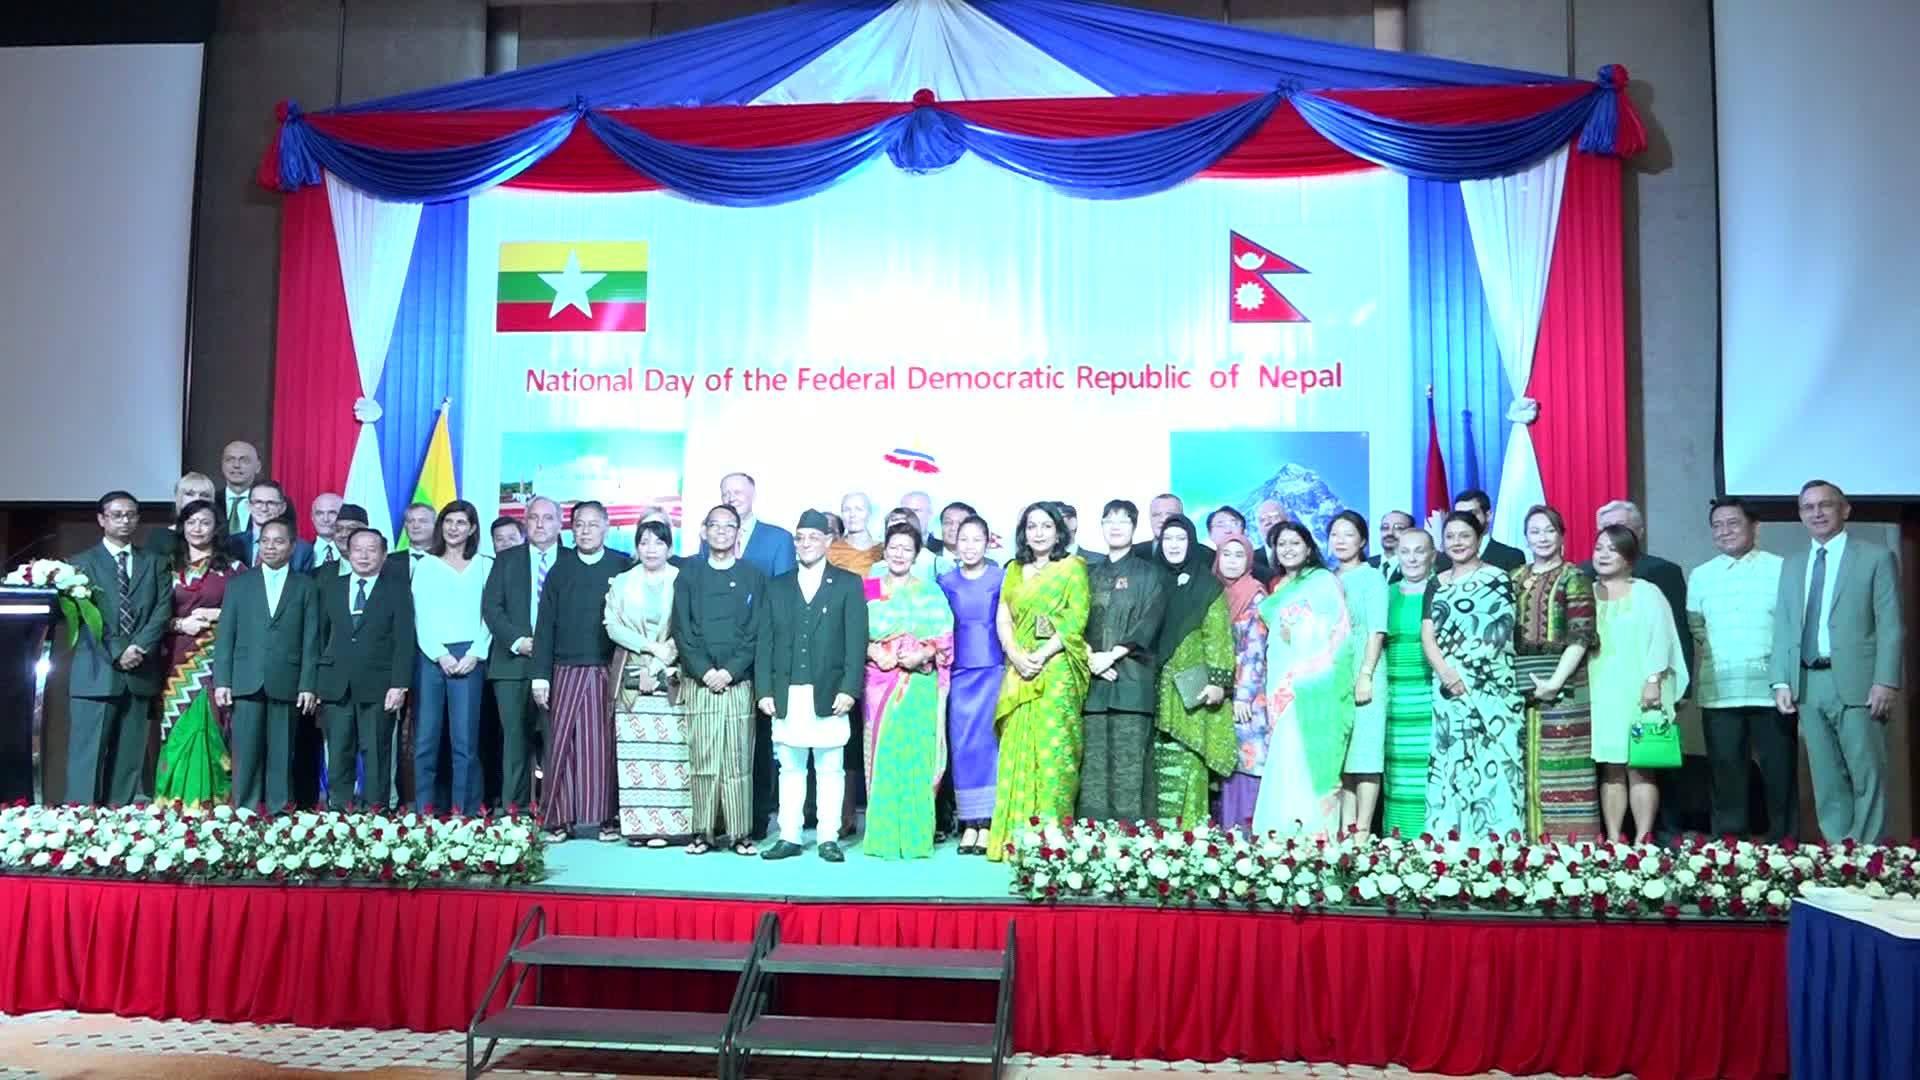 नेपालको संविधान जारी भएको दिन असोज ३ लाई म्यानमारको यांगुनस्थित नेपाली दूतावासले 'राष्ट्रिय दिवस' का रुपमा मनाएको छ।